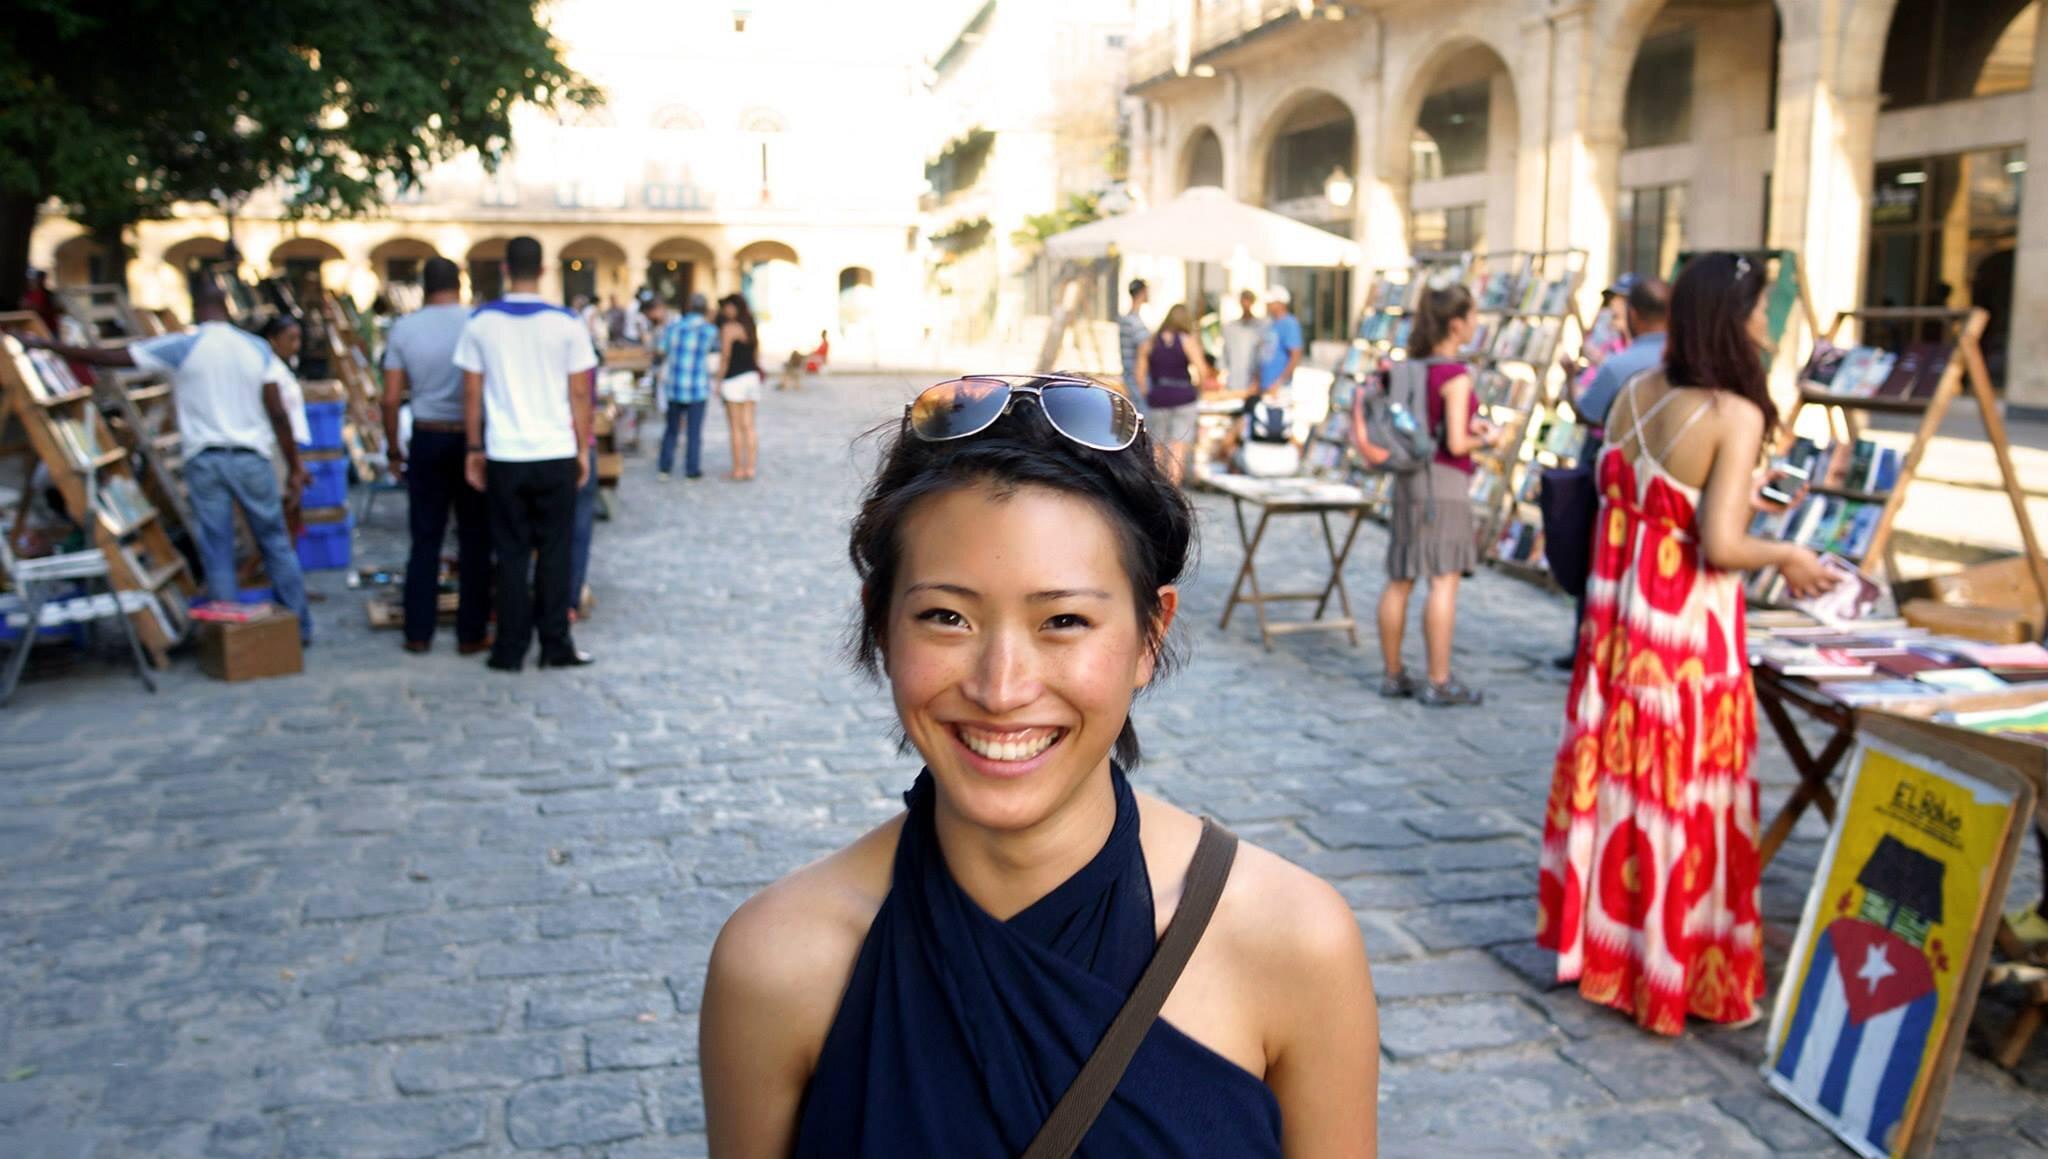 Jenny Sahng at the book market